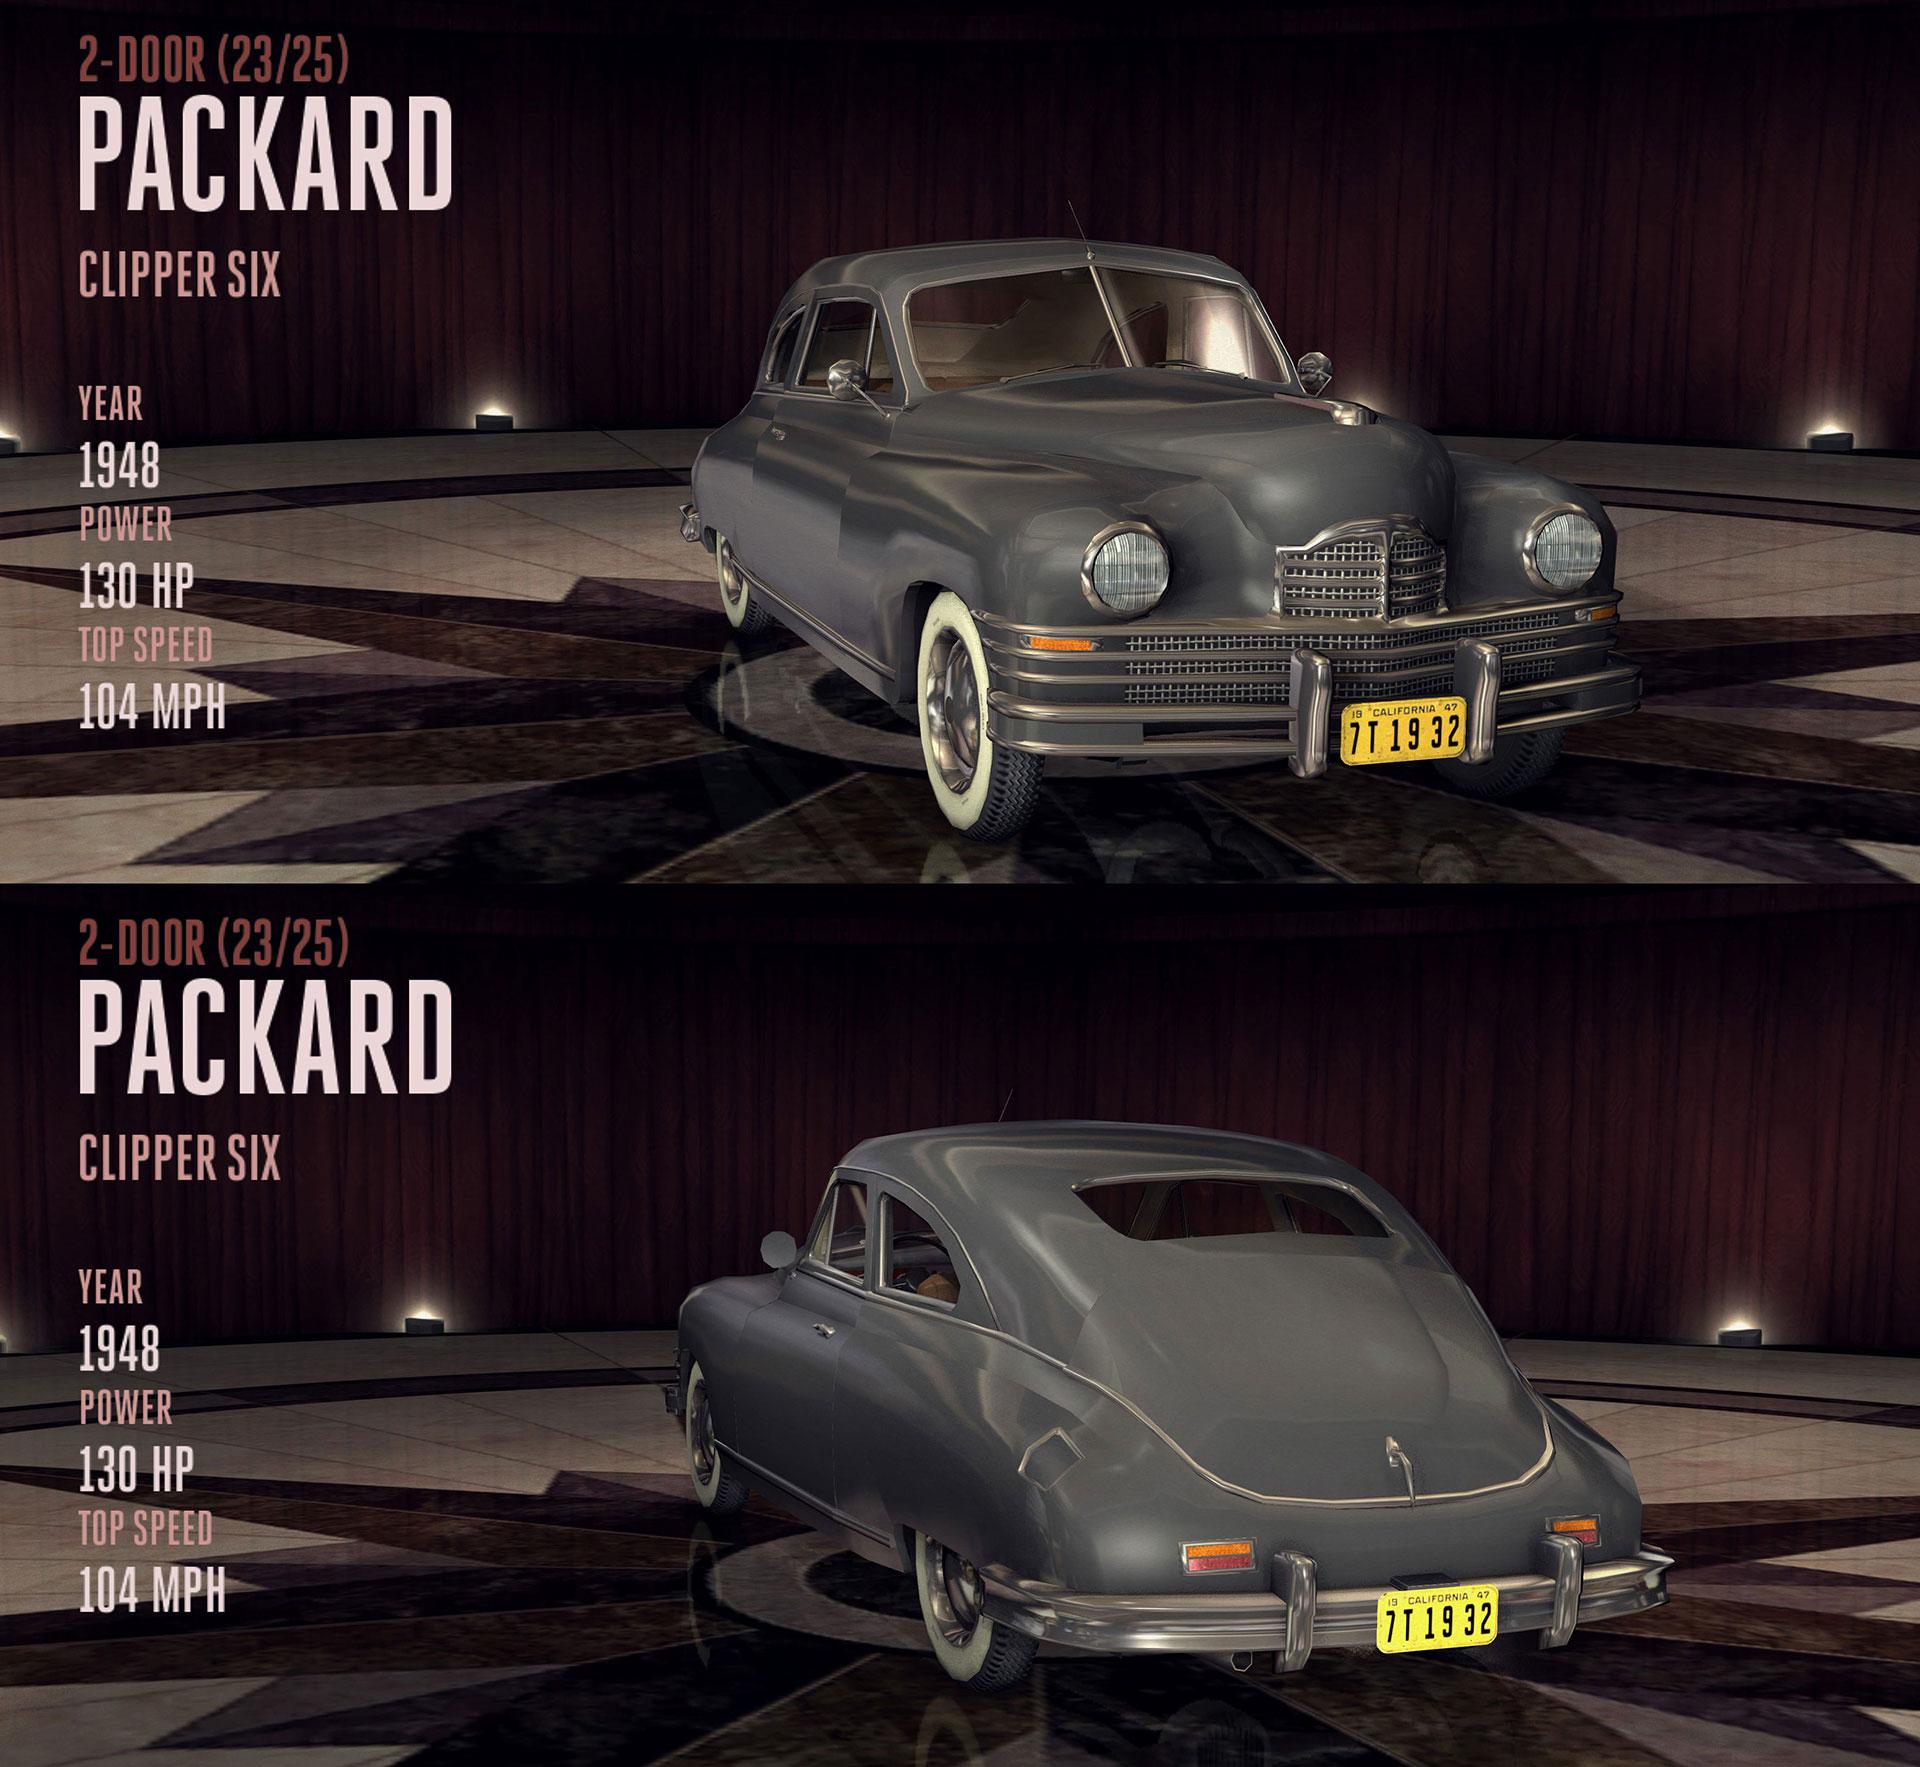 Packard Clipper Six